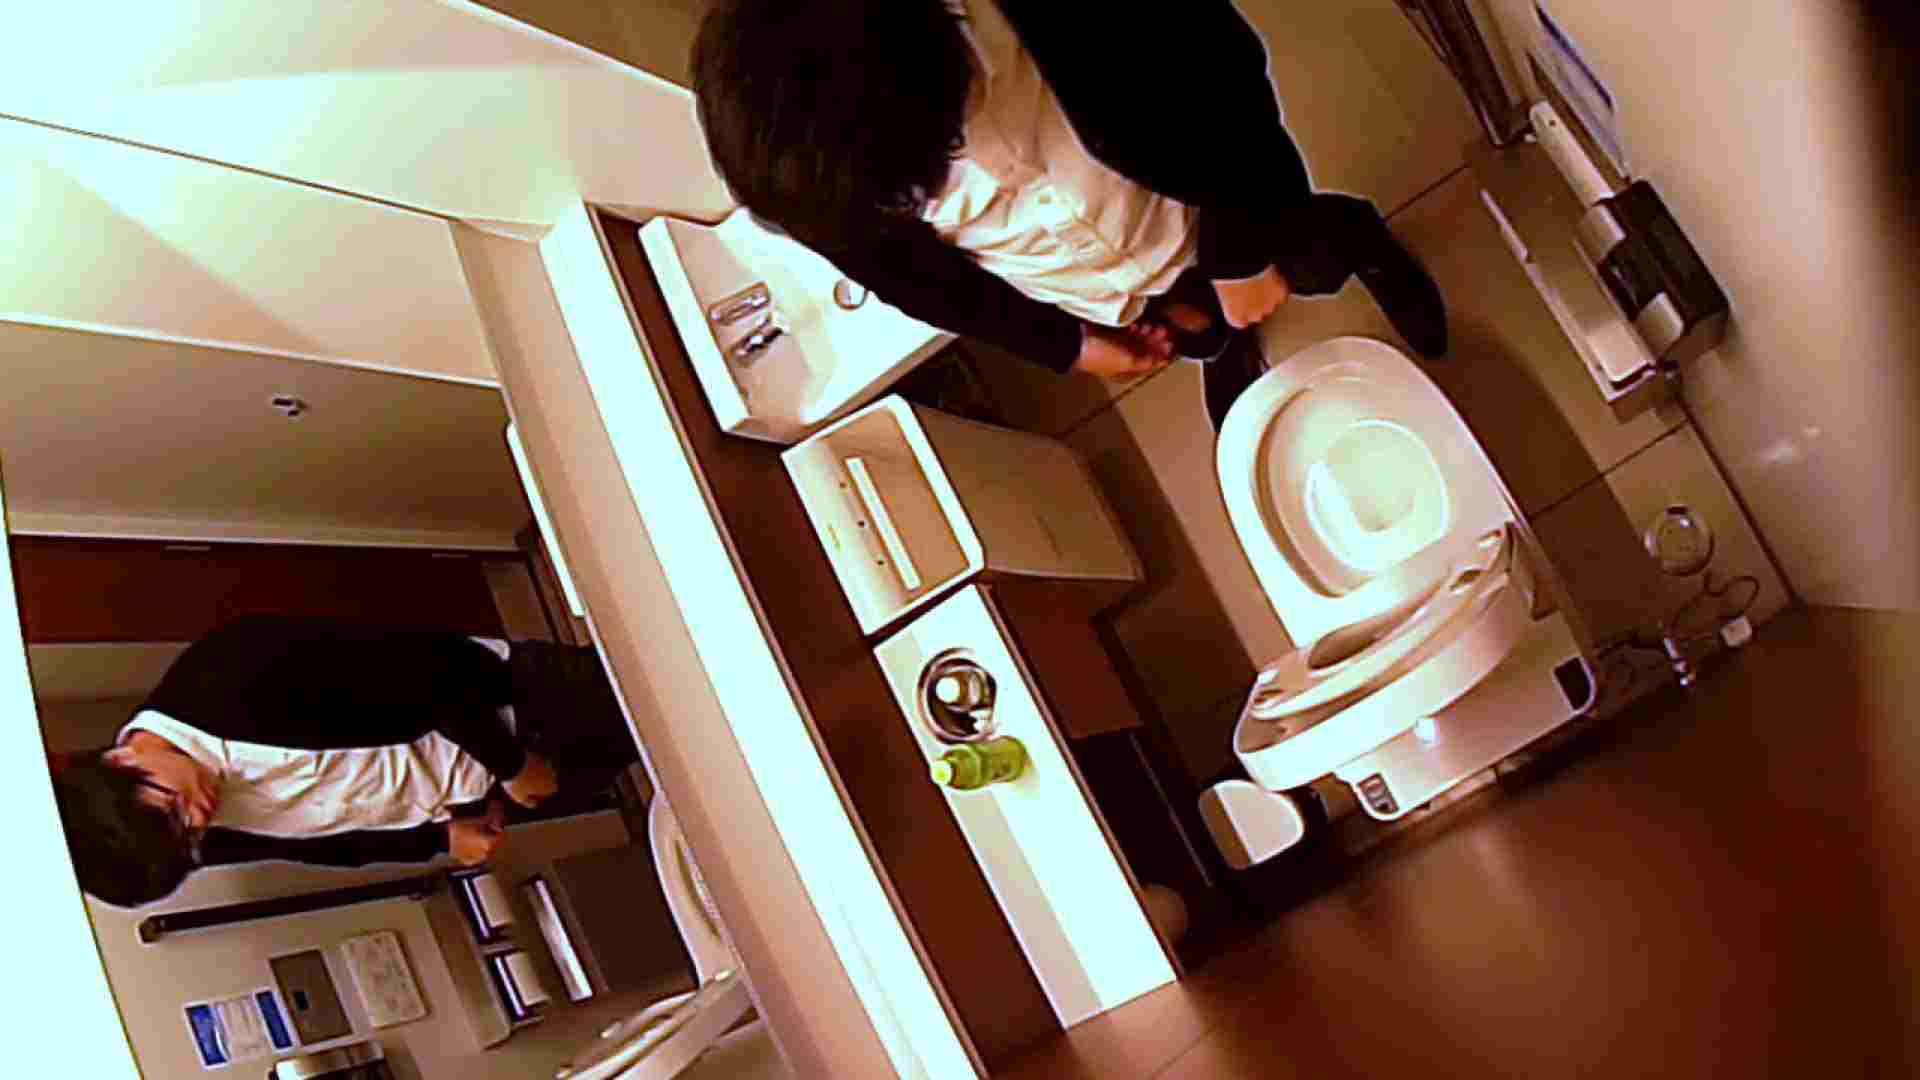 イケメンの素顔in洗面所 Vol.11 イケメンのsex | ノンケボーイズ  60pic 1